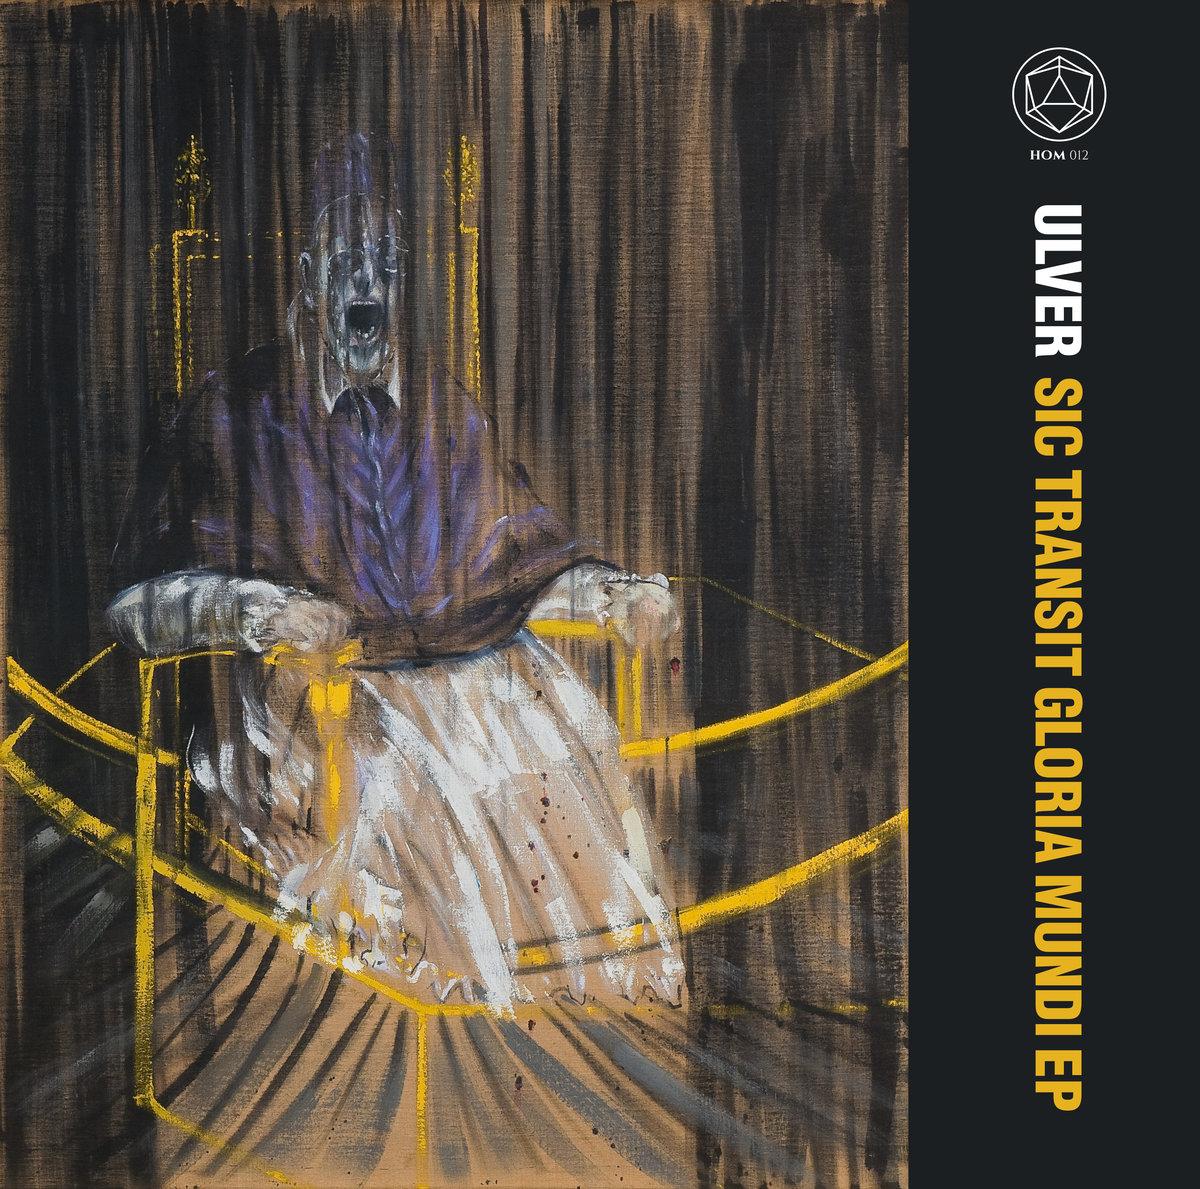 """Ulver - Sic Transit Gloria Mundi EP [LTD 12"""" EP]"""